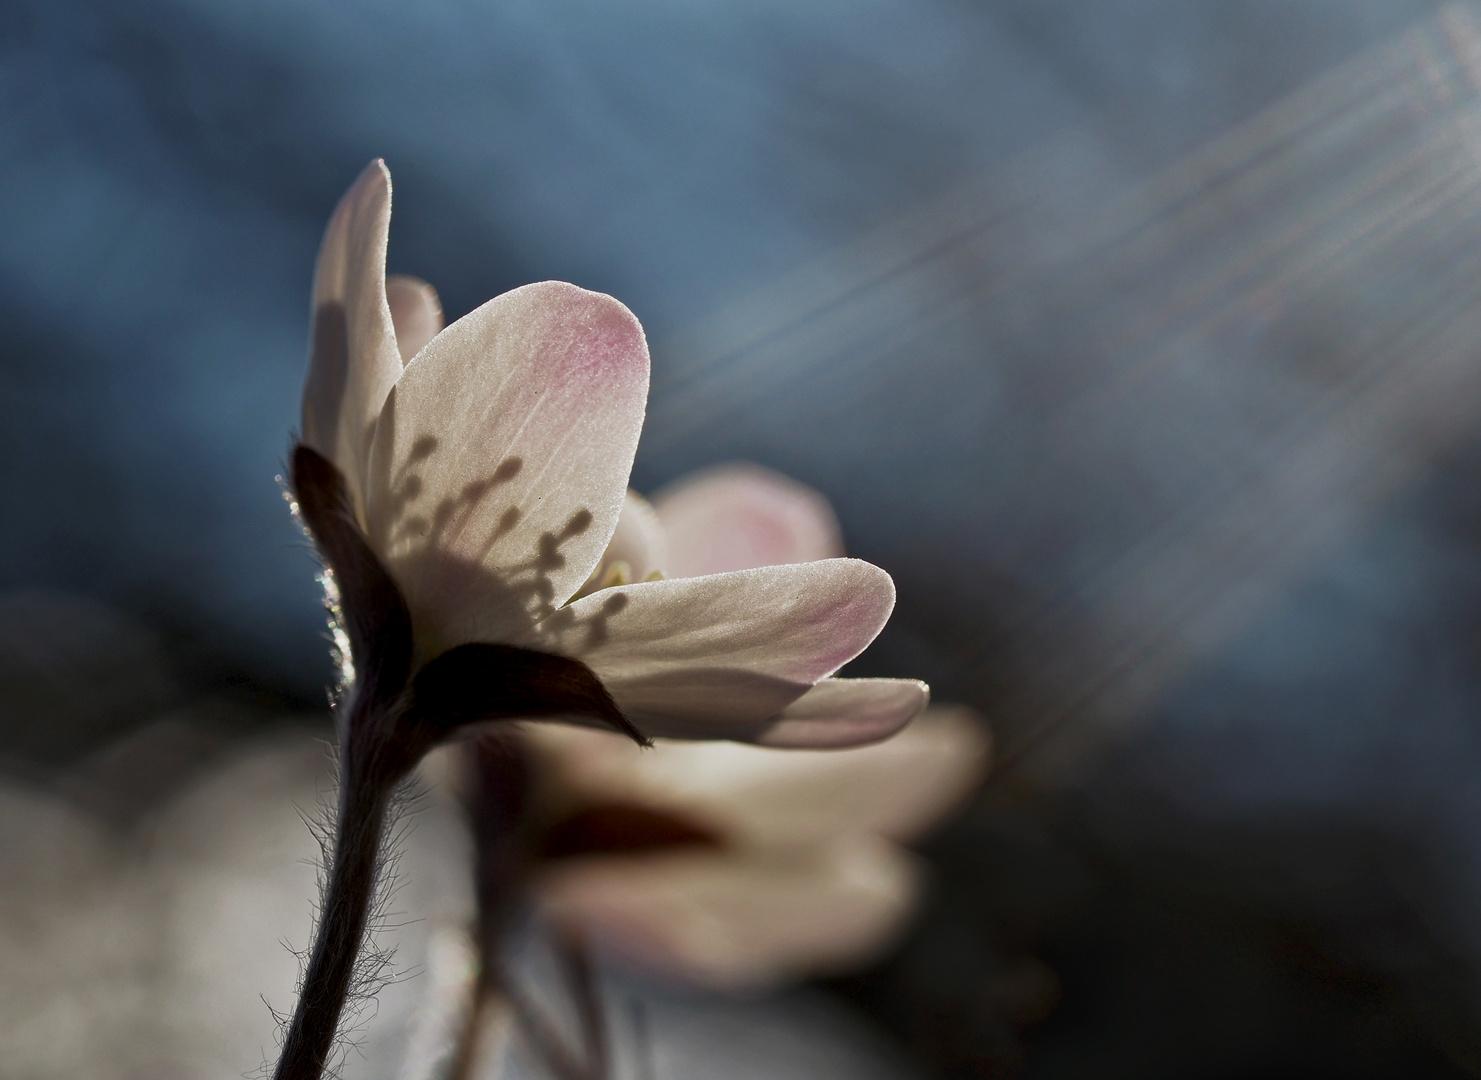 Weisses Leberblümchen (Hepatica nobilis) - L'anémone hépatique blanche.